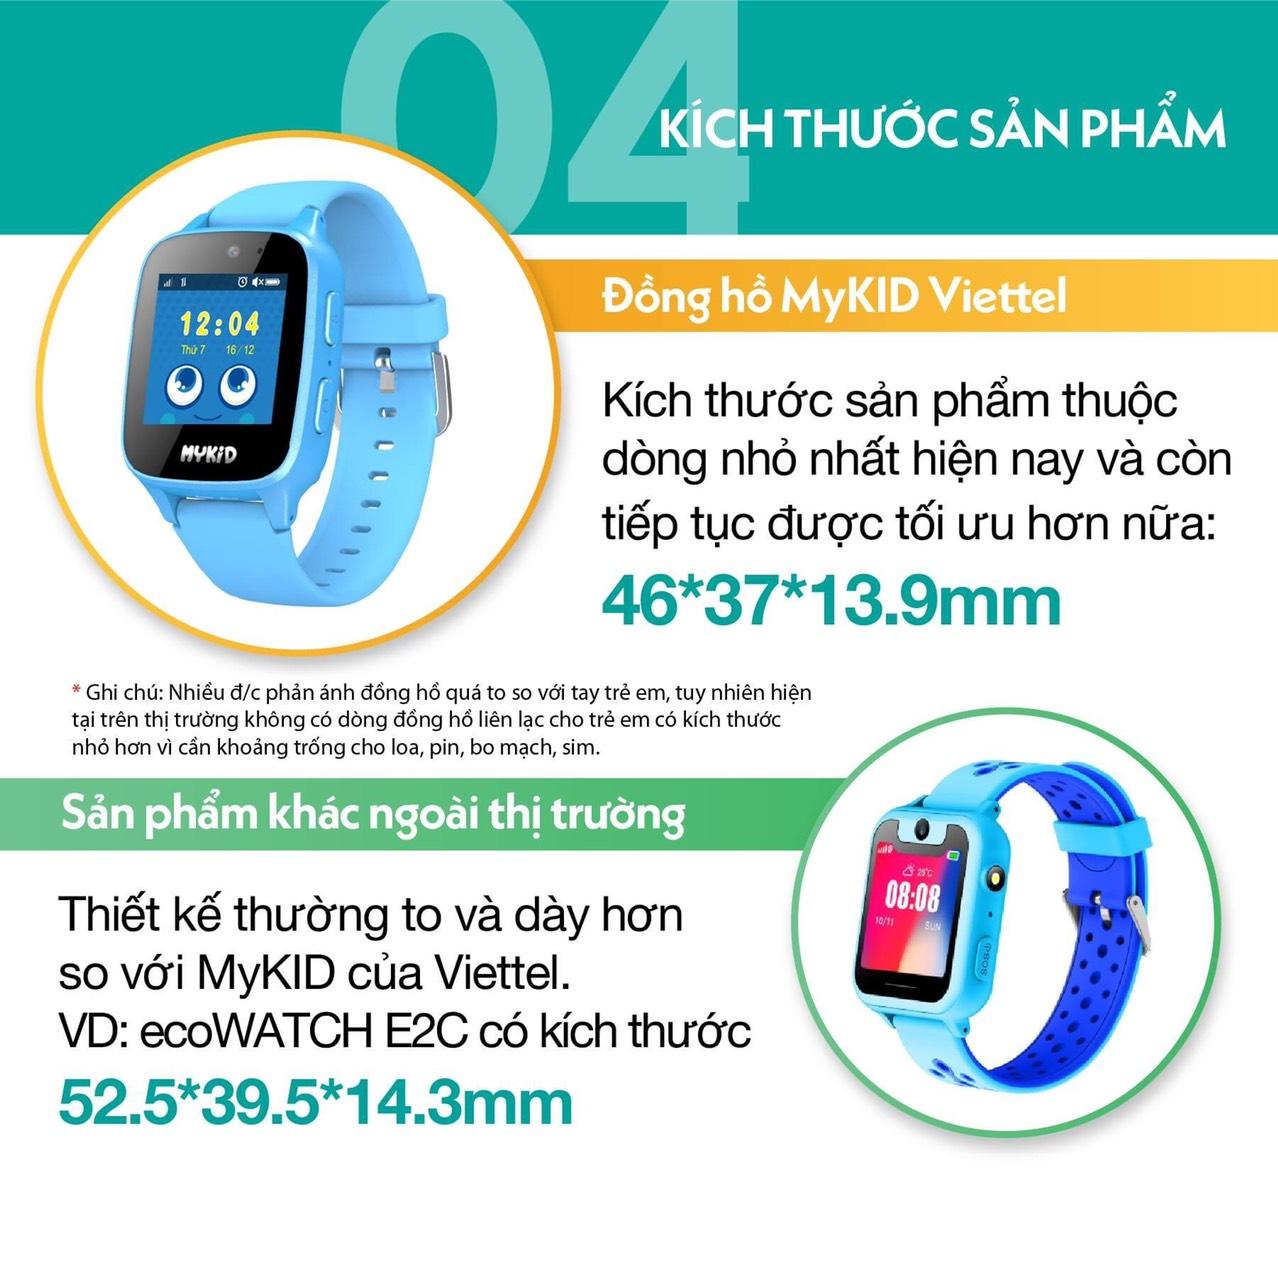 4. Mykid Viettel có kích thước nhỏ nhất thị trường.